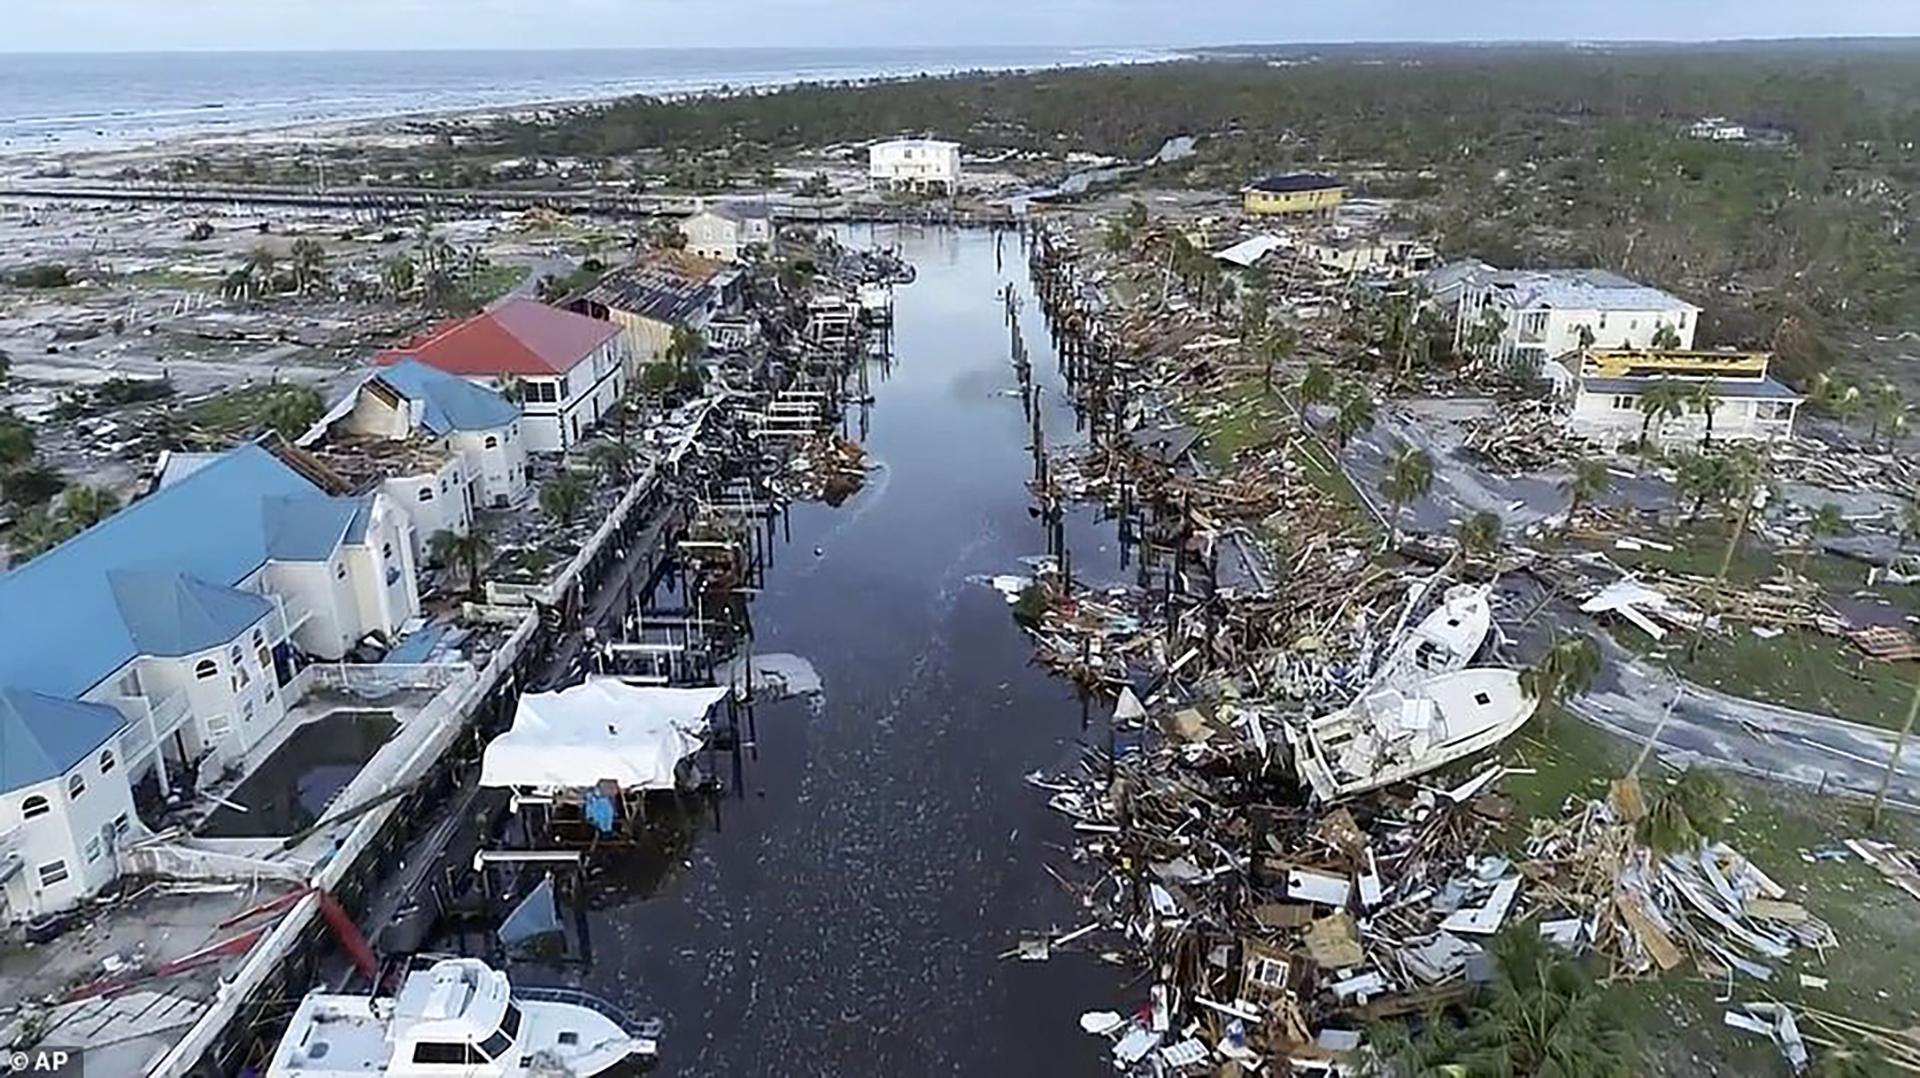 El sur de Estados Unidos, el Caribe y Centroamérica tuvieron una devastadora temporada de huracanes, en la que se destacaron las ráfagas y lluvias de Florence y Michael